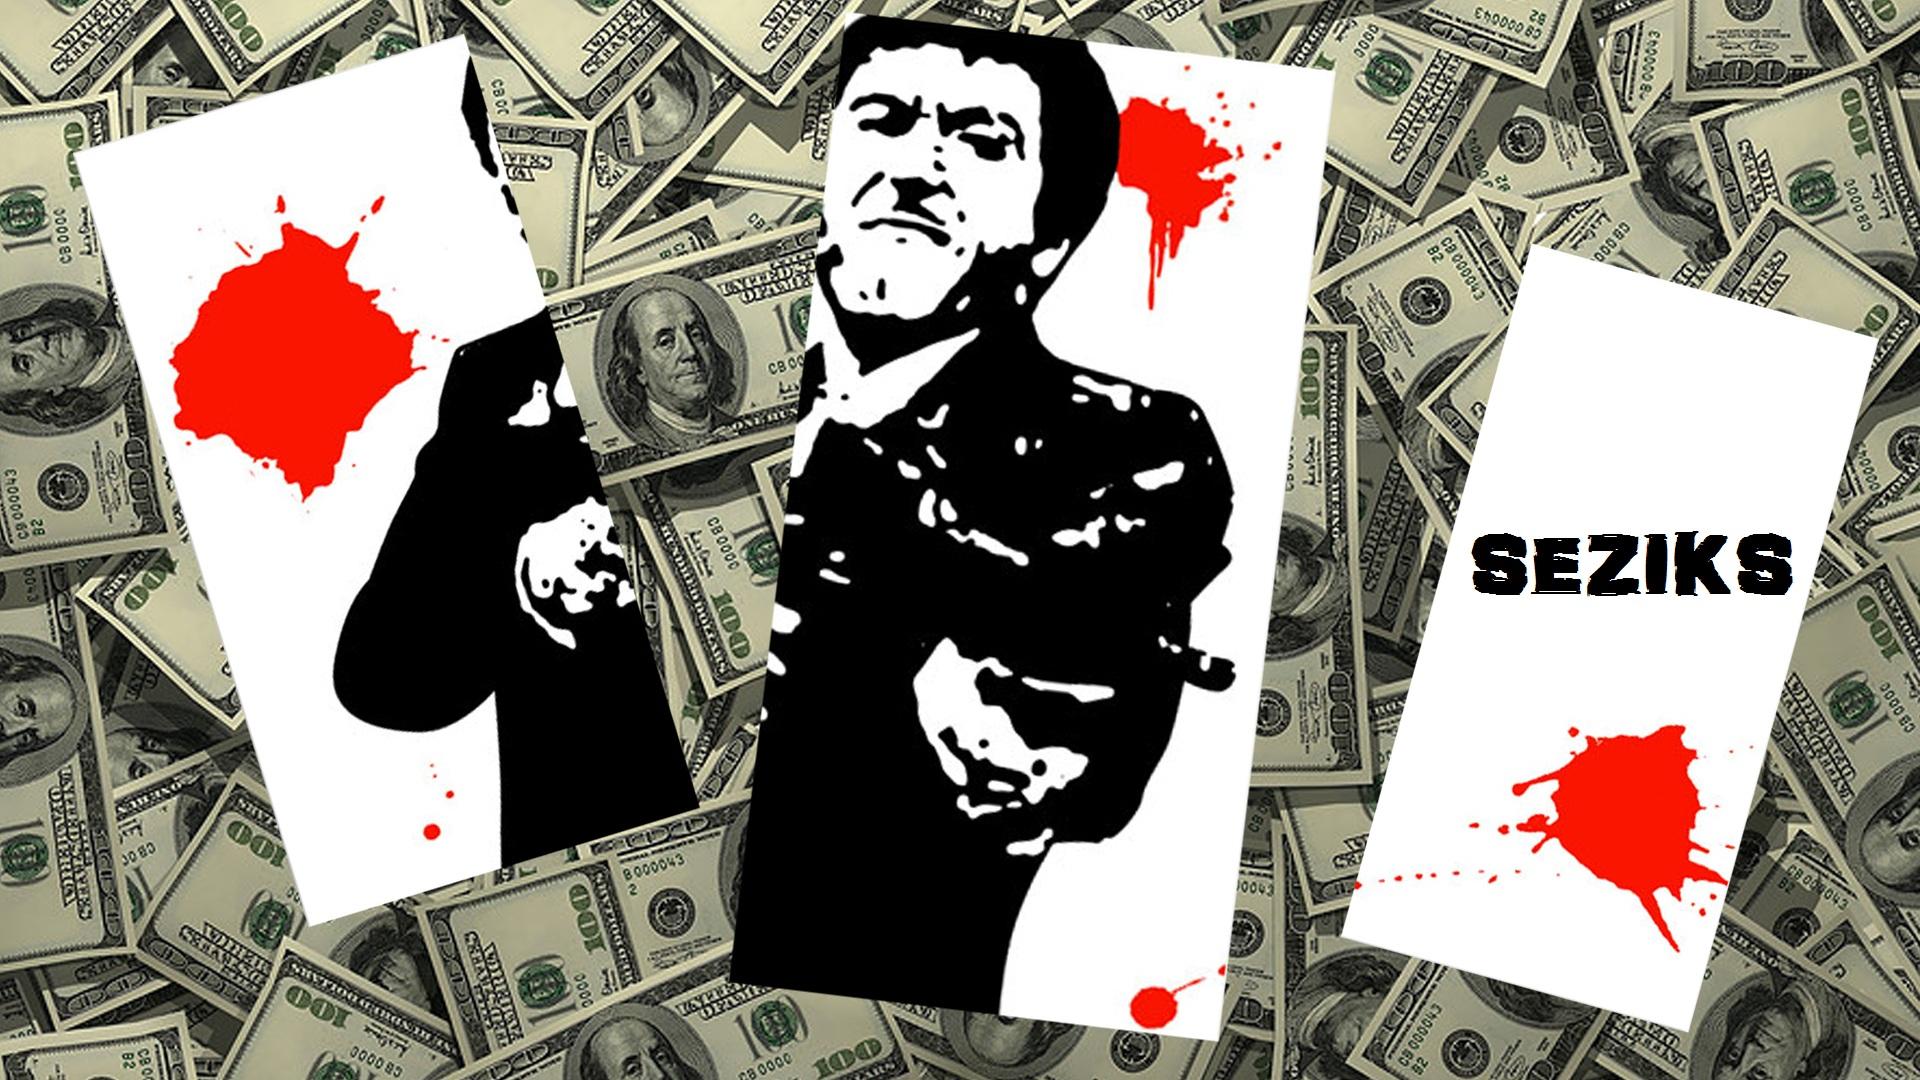 Seziks scarface wallpaper by mrmustachi0 on deviantart - Scarface cartoon wallpaper ...